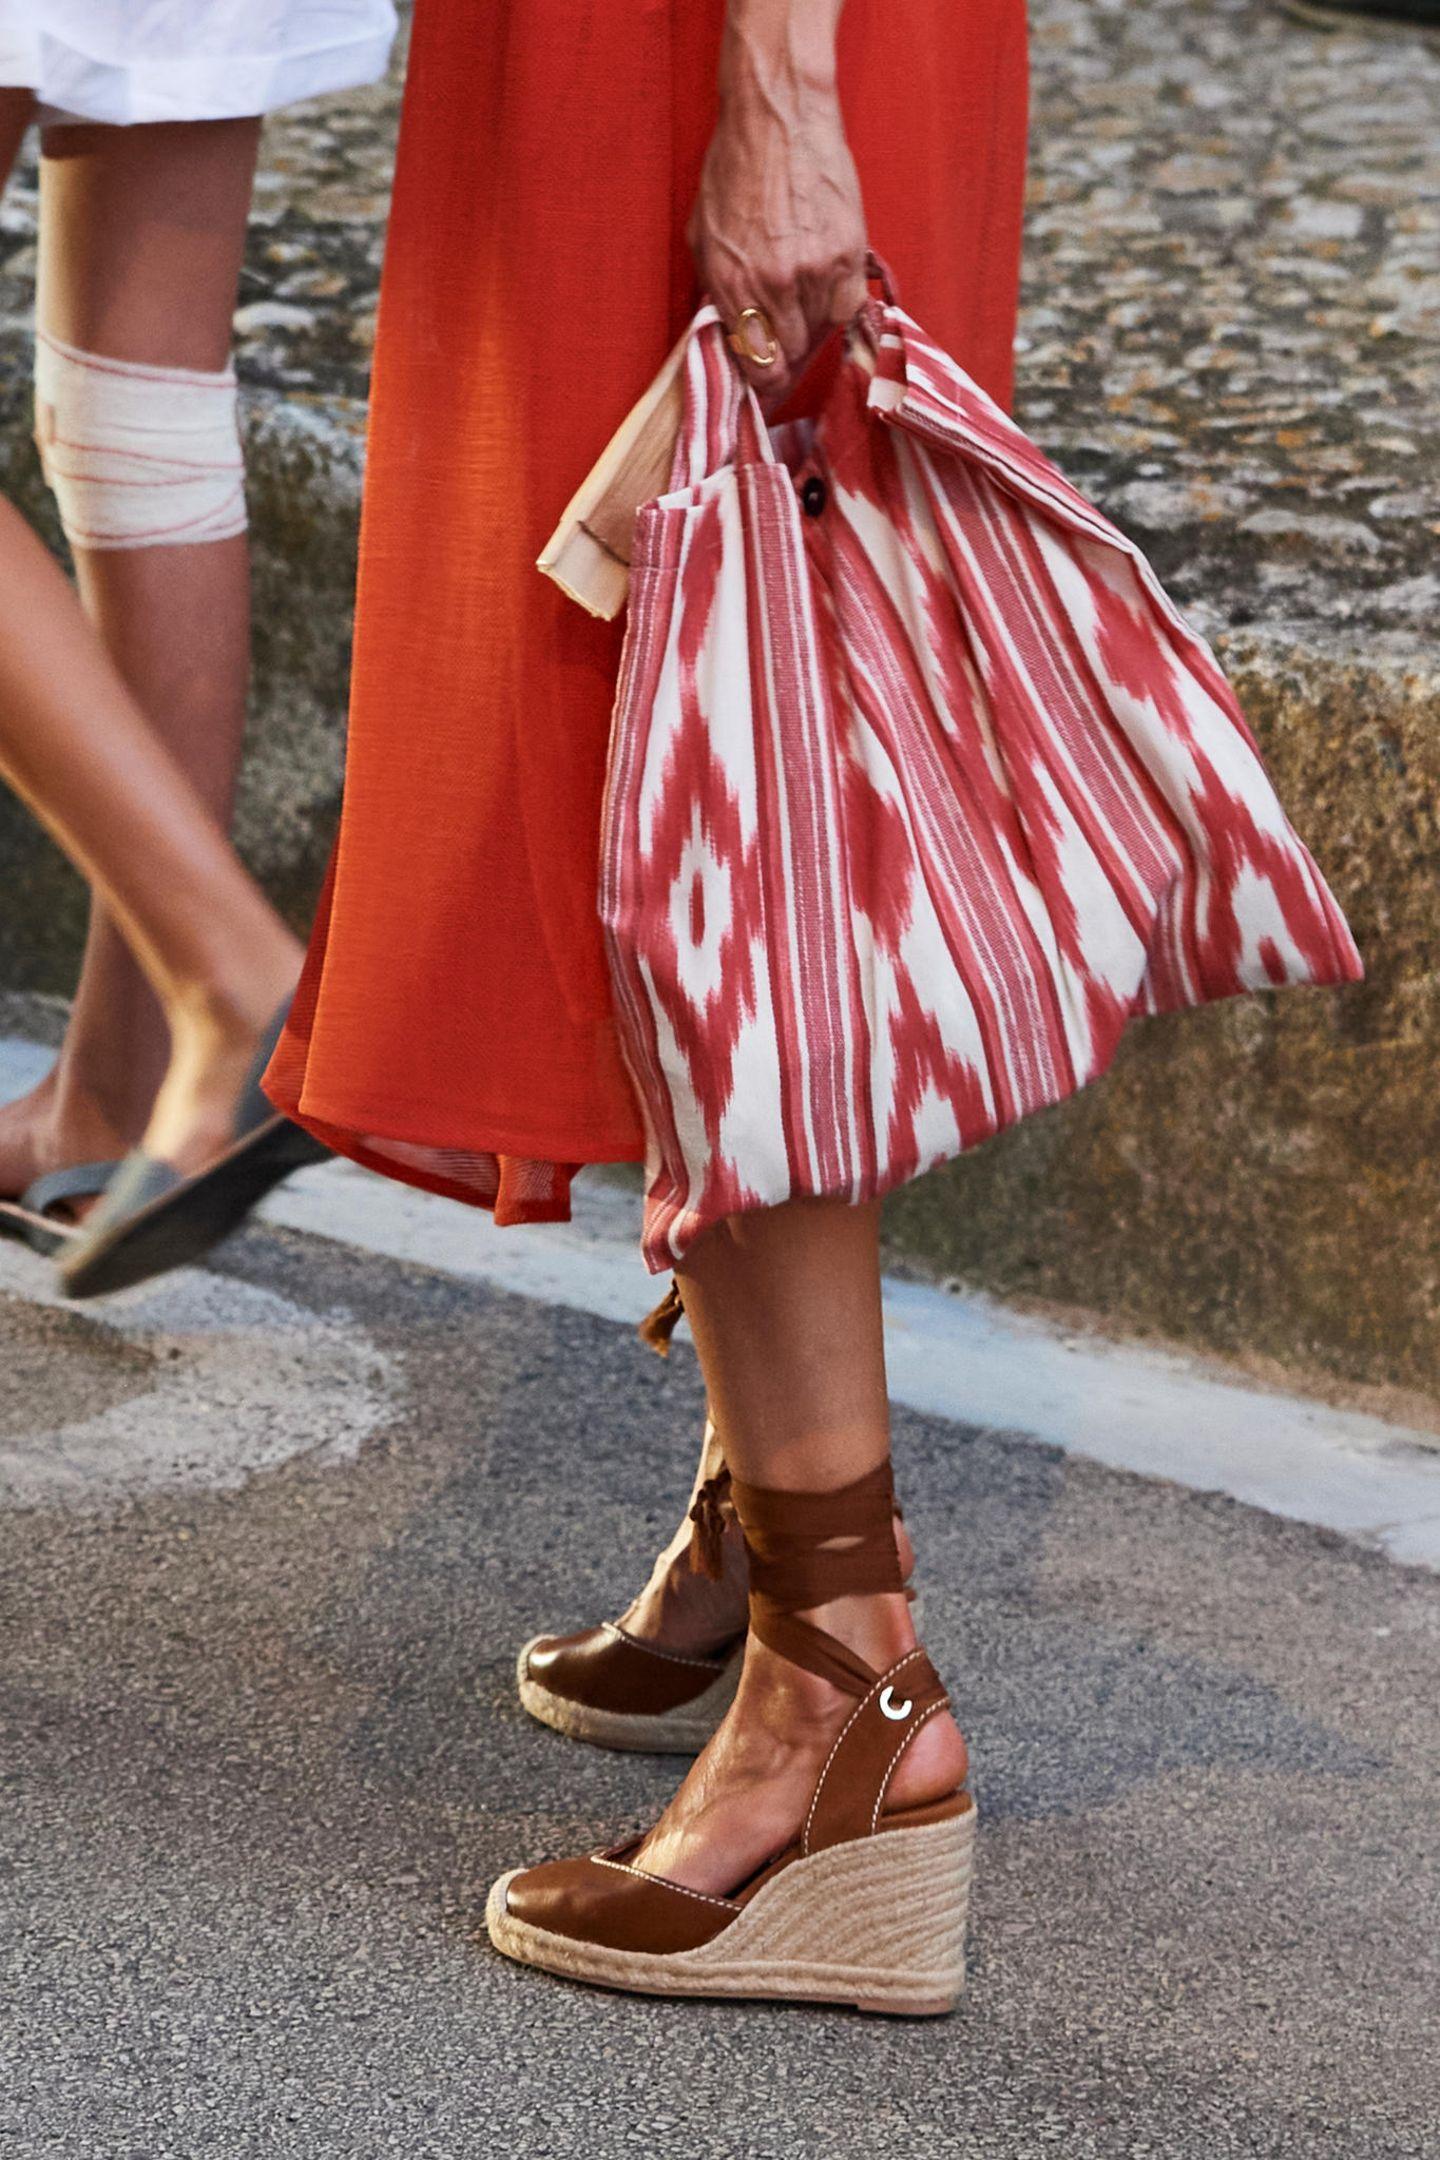 Dazu kombiniert Letizia Wedges von Uterque mit braunem Leder (Preis rund 100 Euro), einen goldenen Ring von Karen Hallam, einer Schmuckdesignerin aus Madrid, für 90 Euro und einem rot-weiß-gemusterten Jutebeutel der Organisation Bolsas. Von Kopf bis Fuß in spanischer Mode; das lässt Letizia nicht nur toll aussehen, sondern sendet gerade nach den schwierigen Zeiten des Corona-Lockdowns die richtigen Zeichen und kurbelt sicherlich die Wirtschaft wieder etwas an - die schöne Monarchin ist schließlich Stilvorbild für unzählige Frauen auf der ganzen Welt!